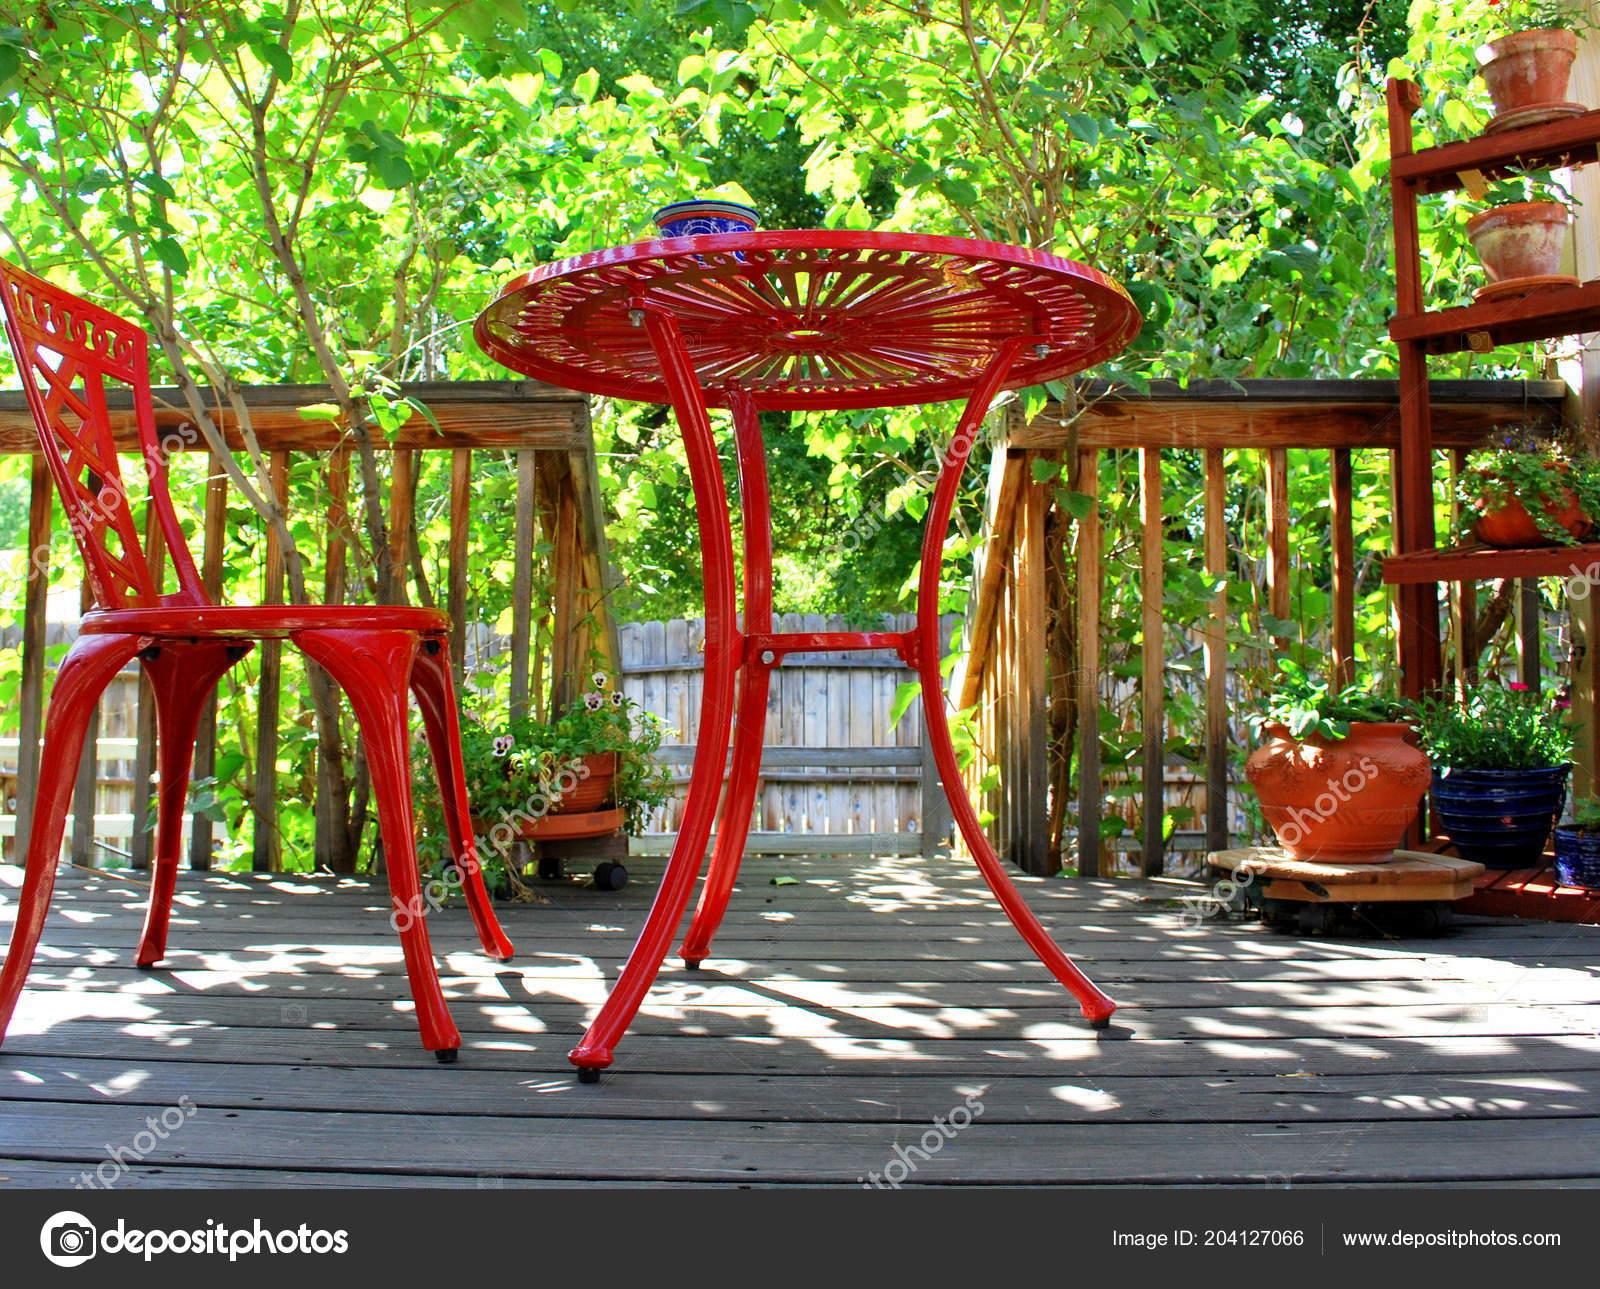 resume de meubles de patio rouge affiche sur le pont exterieur image de oscarcwilliams